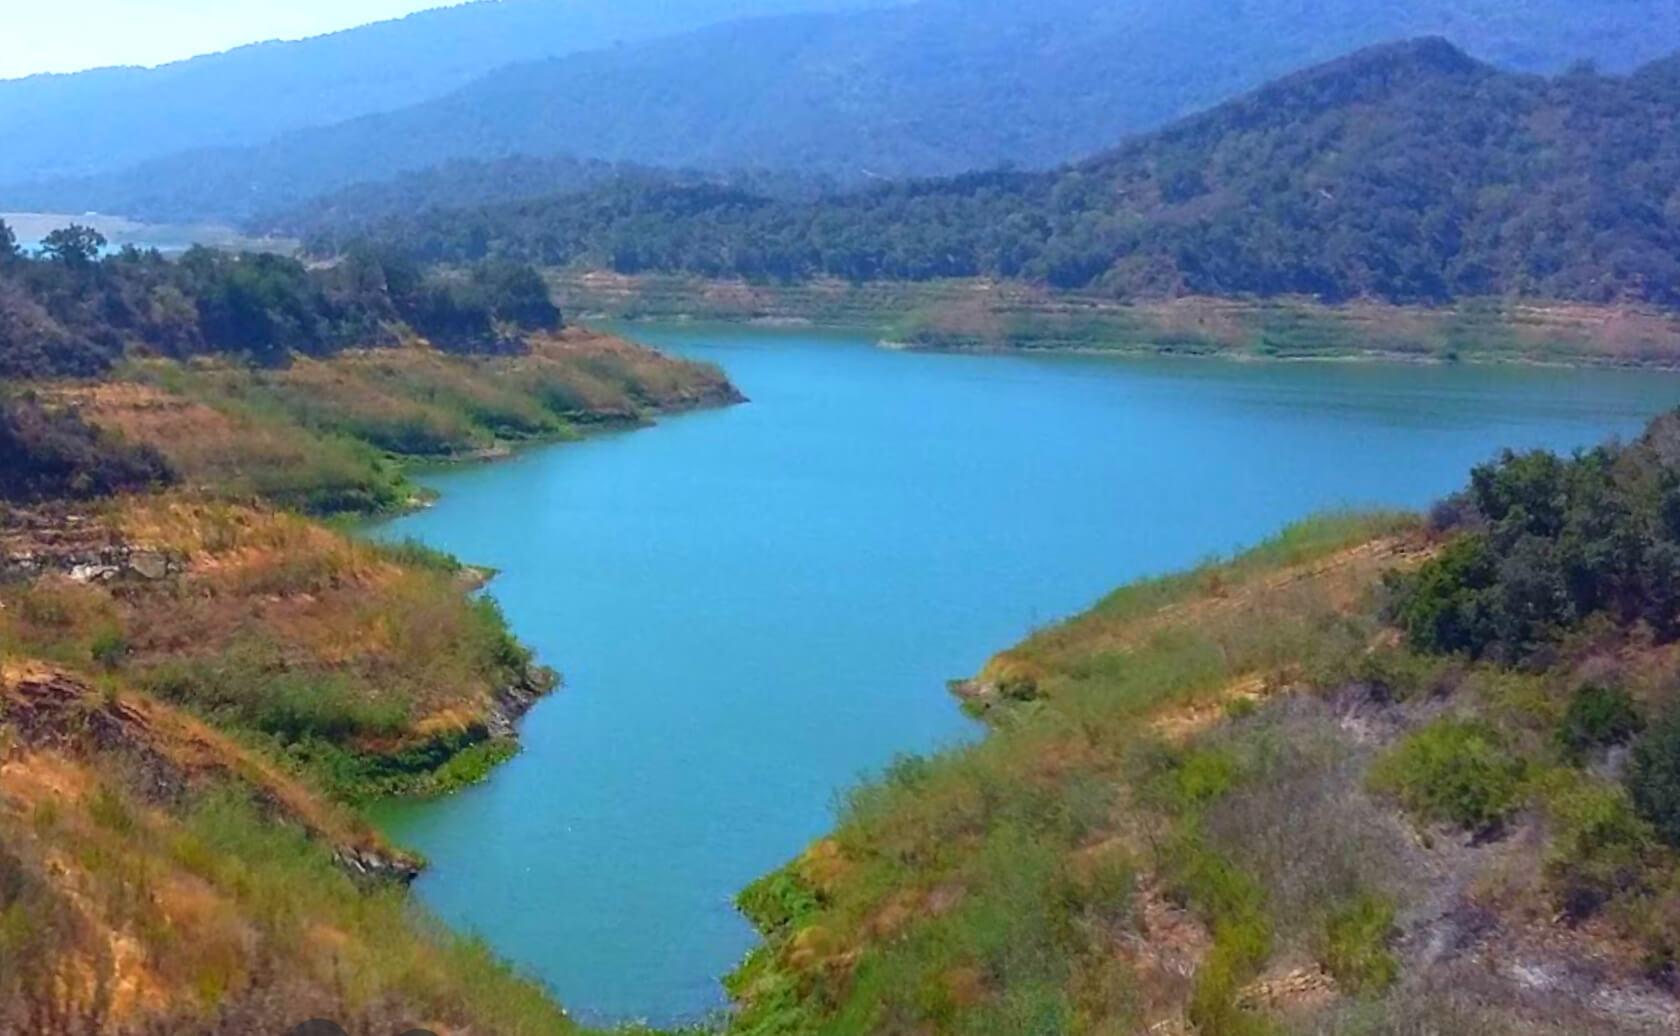 Casitas-Lake-Fishing-Guide-Report-California-03